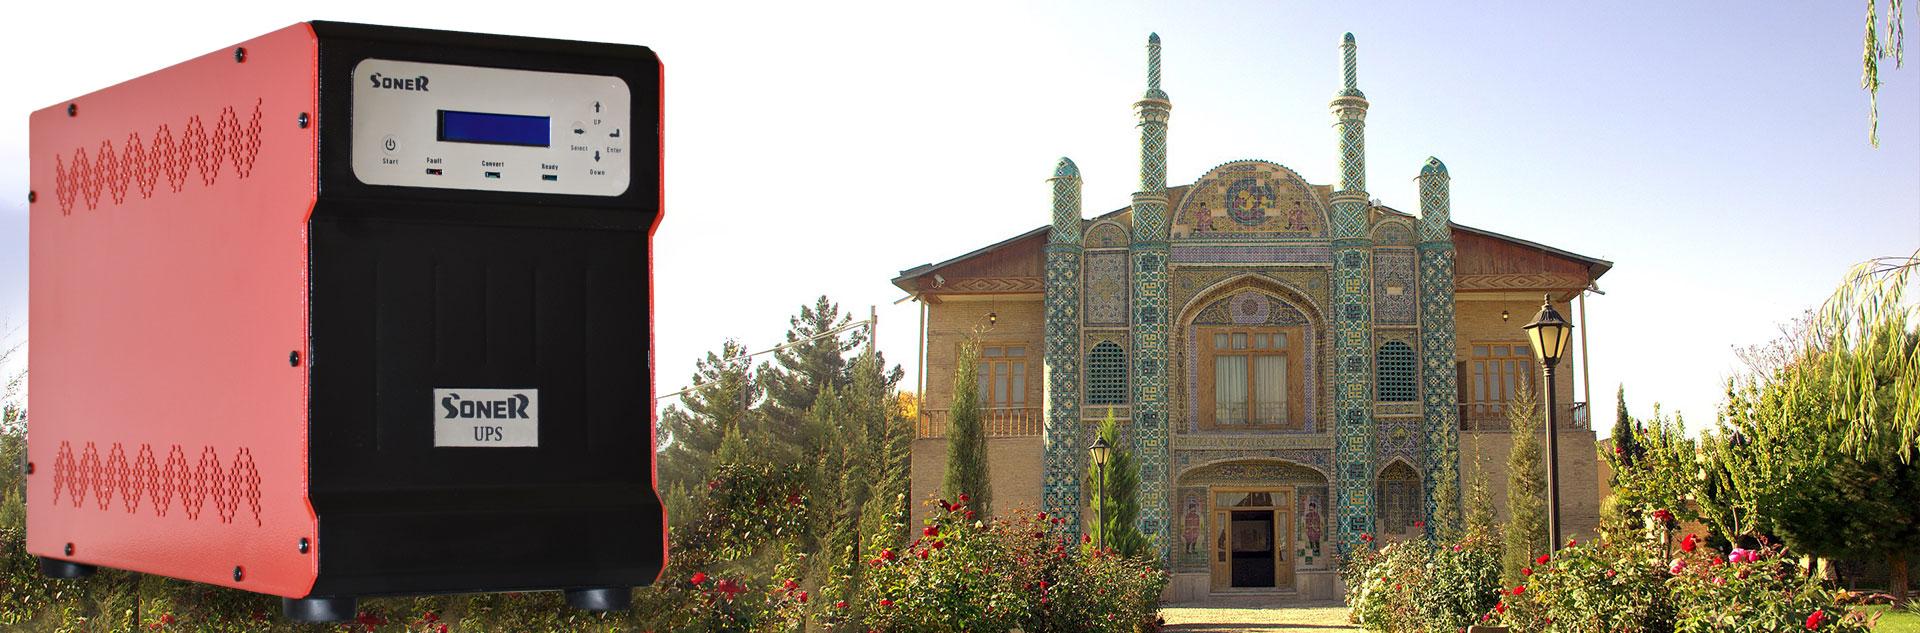 فروش دستگاه یو پی اس ایرانی سونر در بجنورد